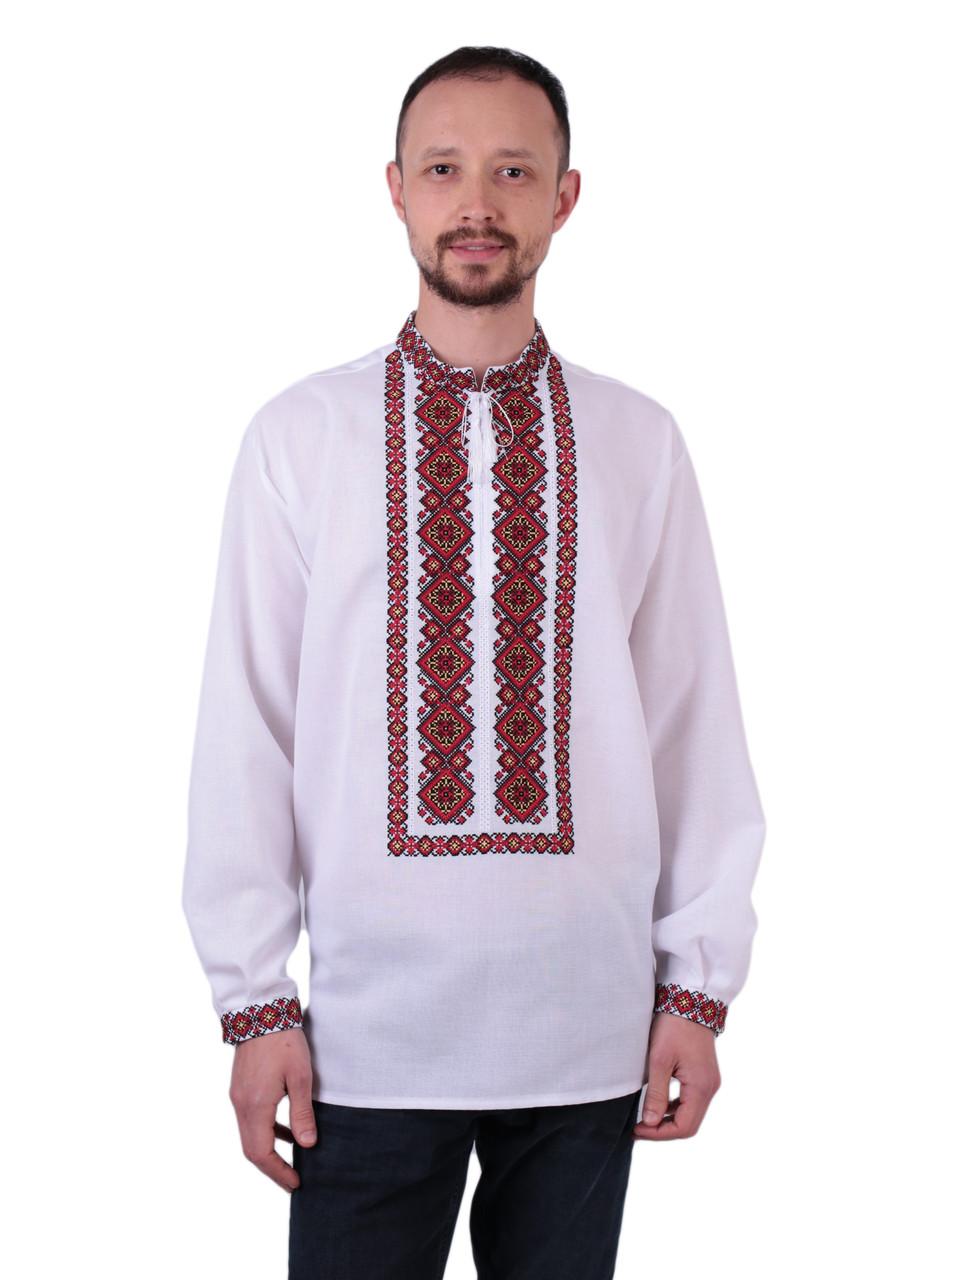 Біла чоловіча вишиванка на довгий рукав з червоним орнаментом машинна вишивка